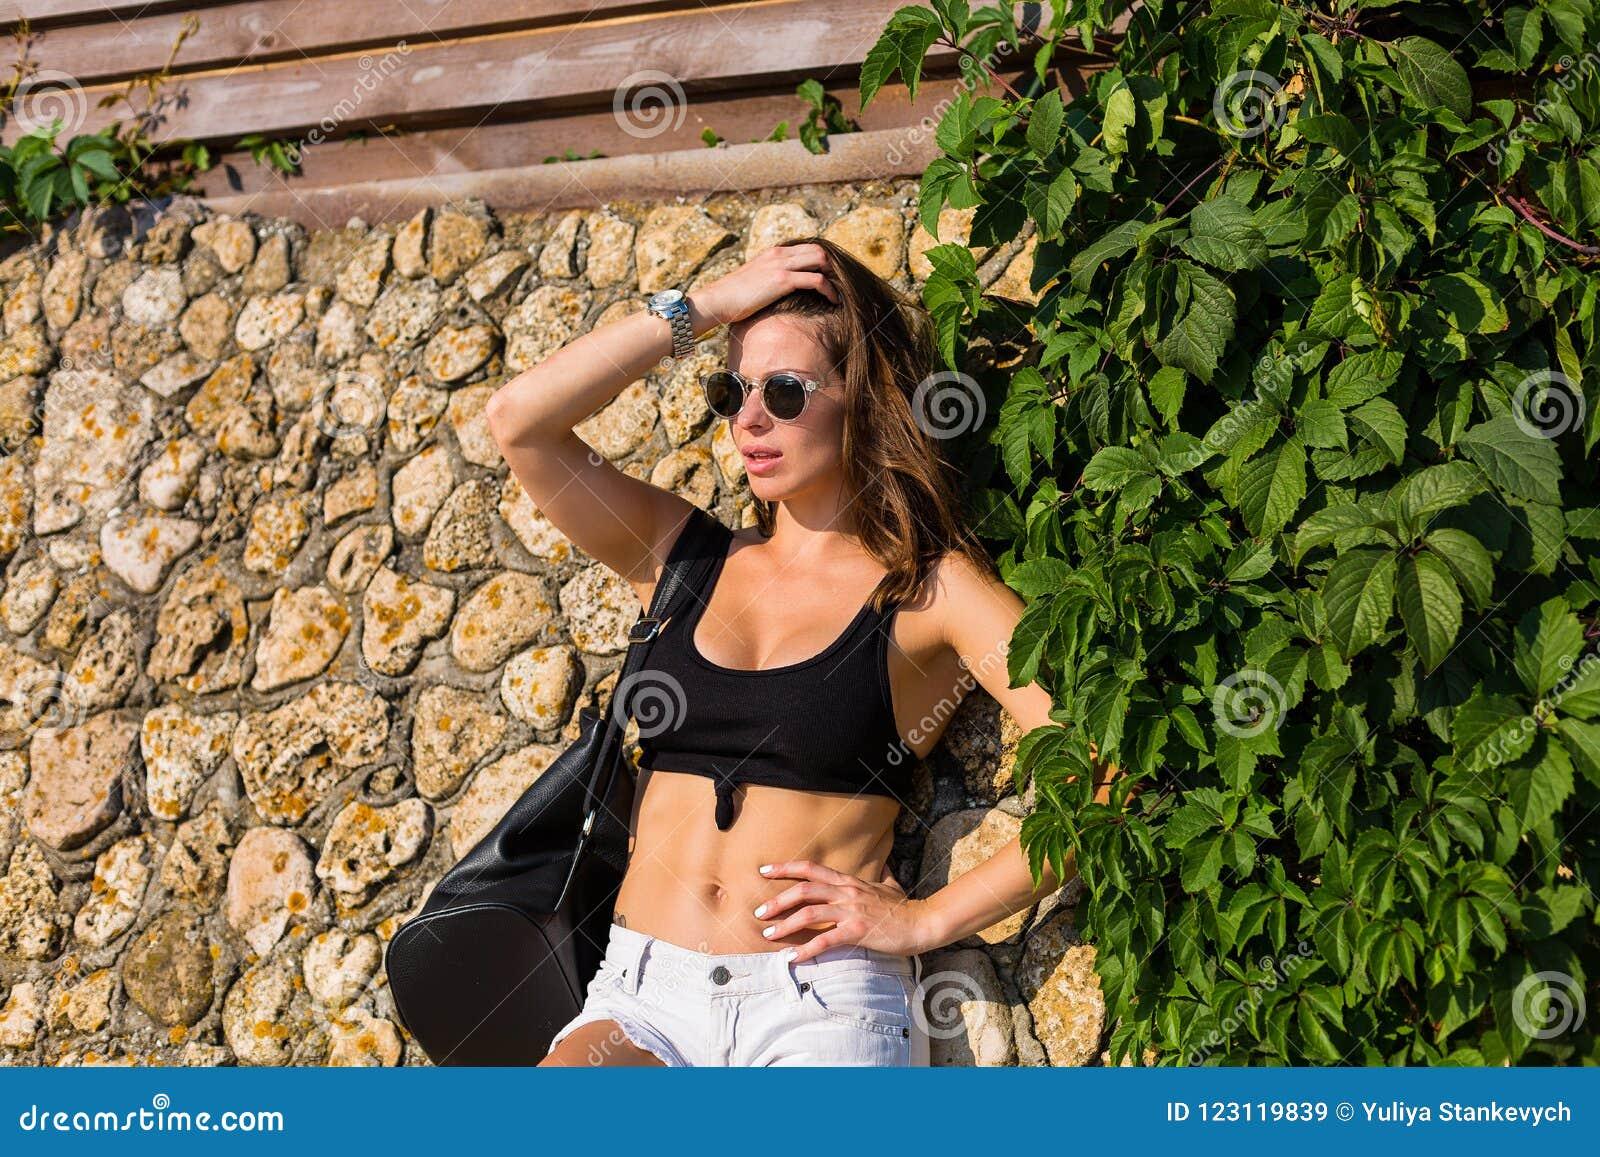 Busty nude brunet woman